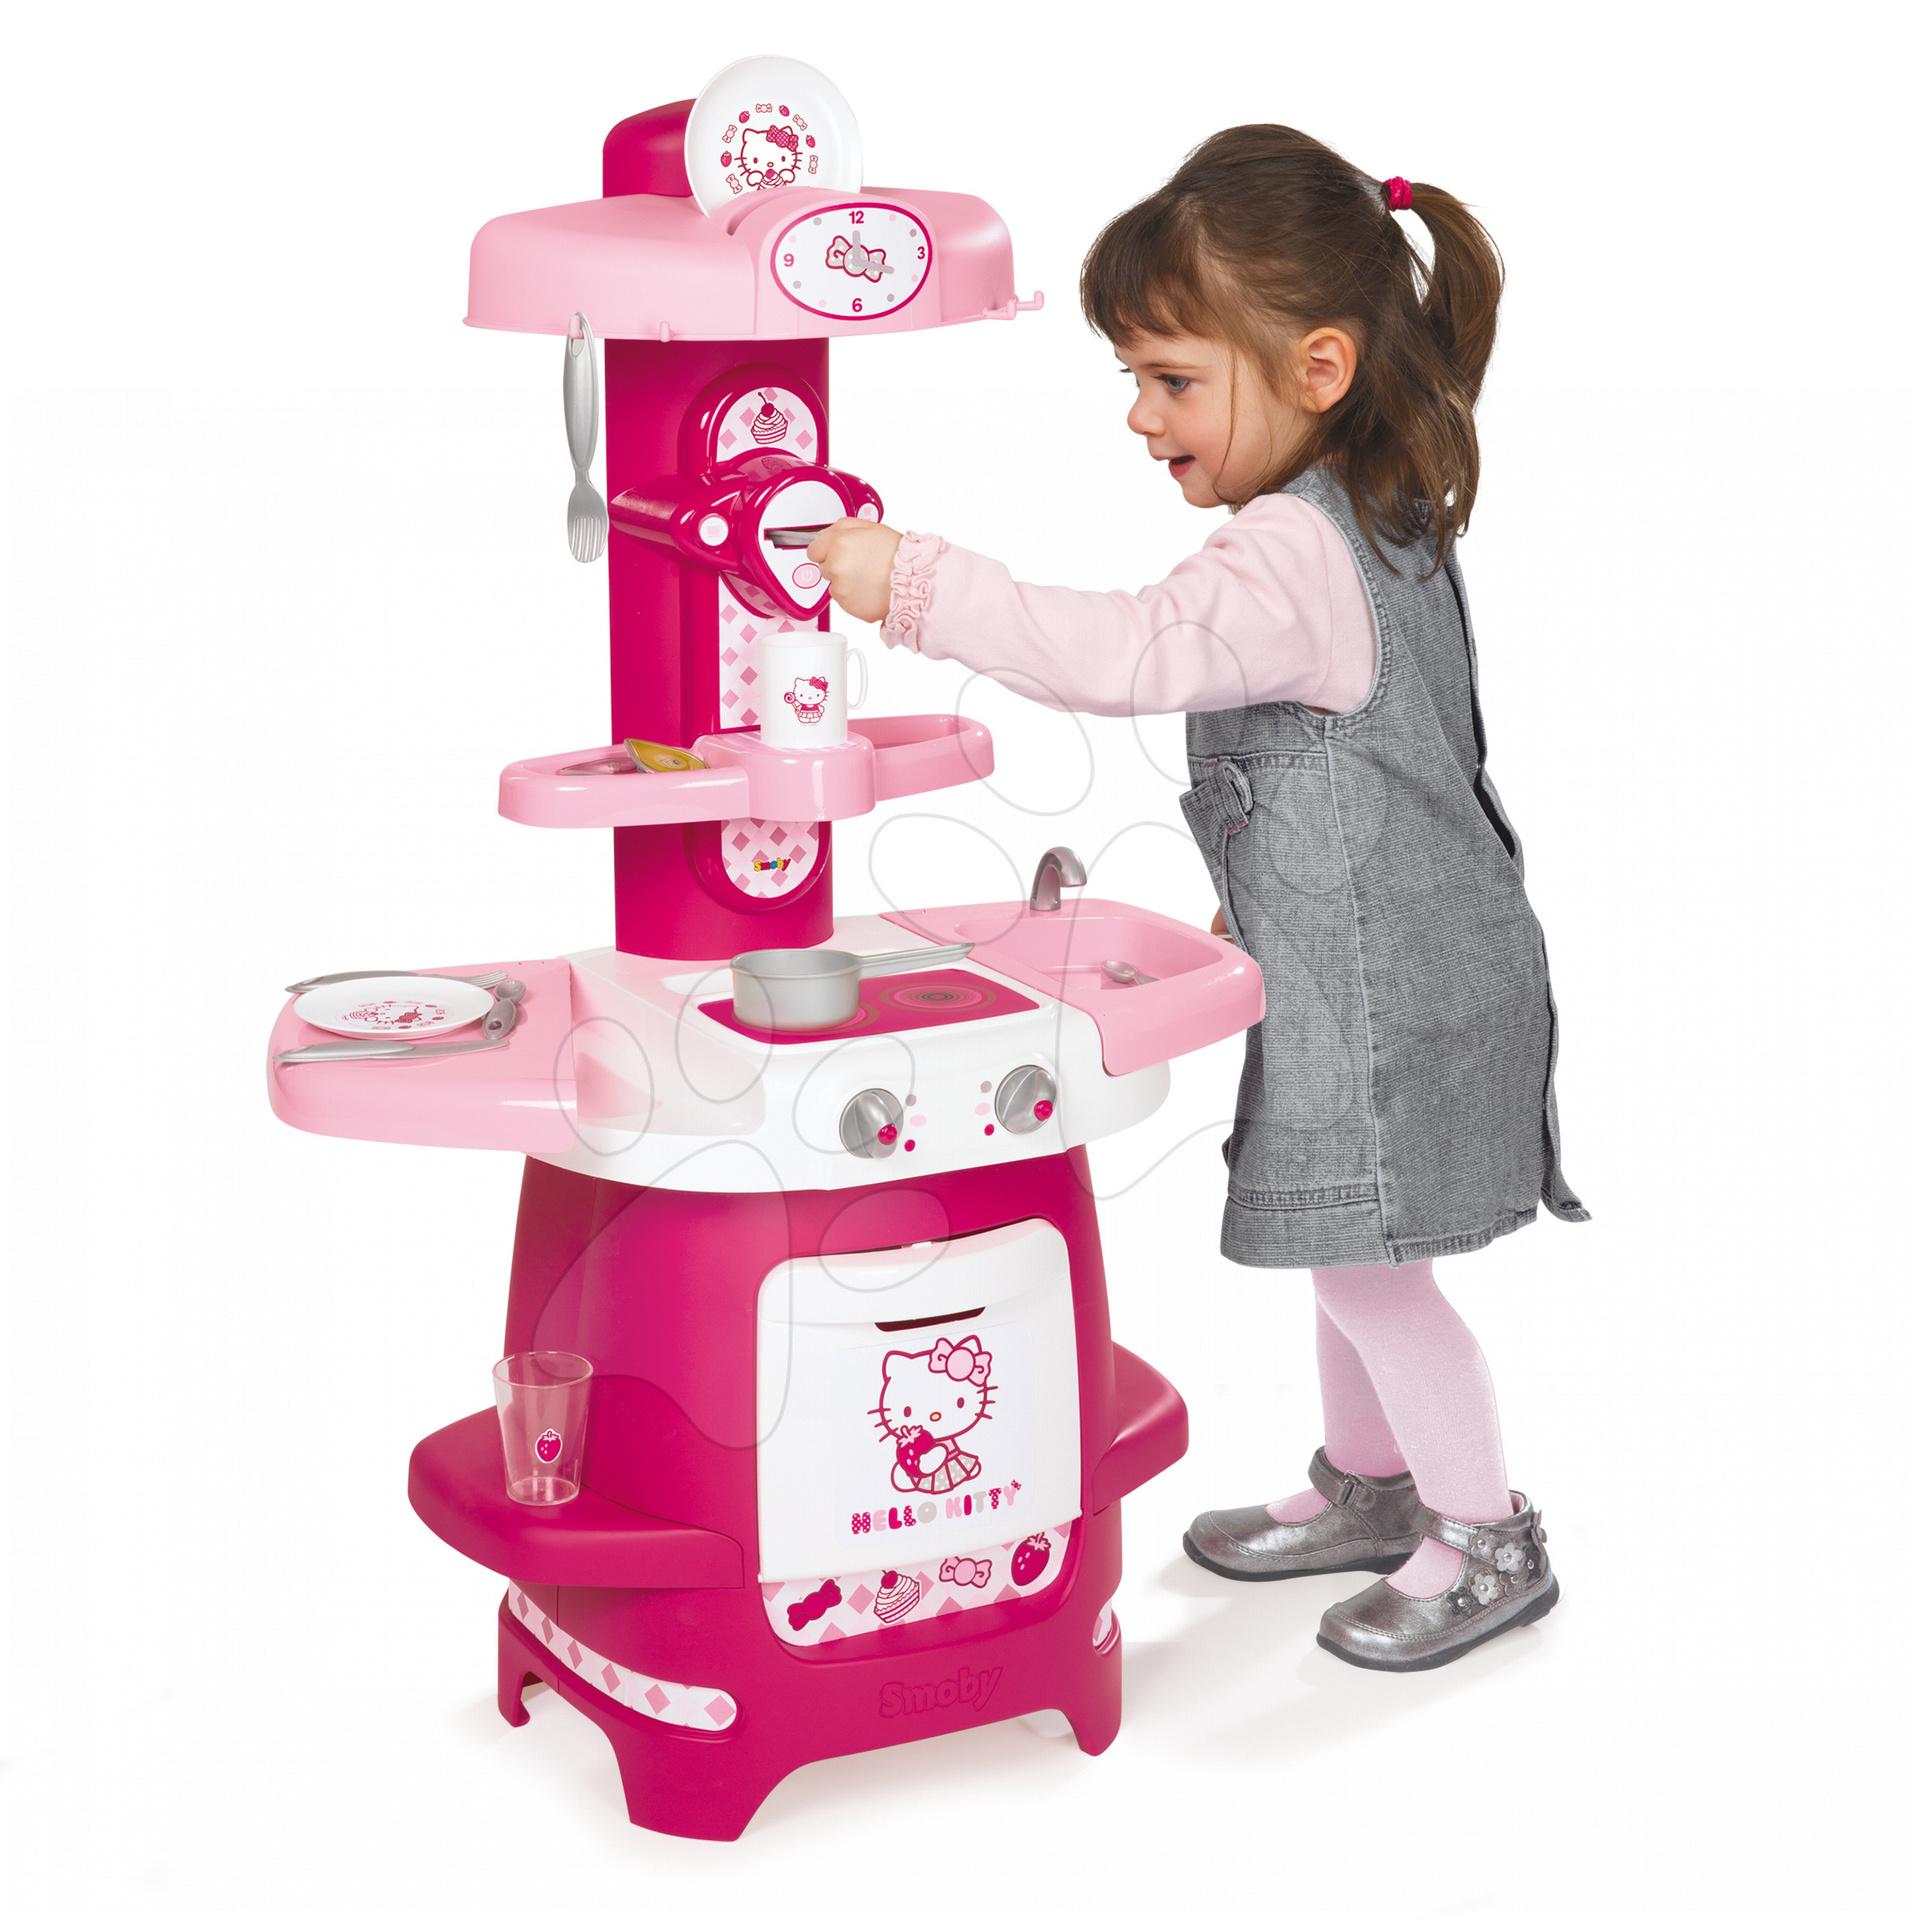 Kuchyňka Hello Kitty Cooky Smoby a 19 doplňků